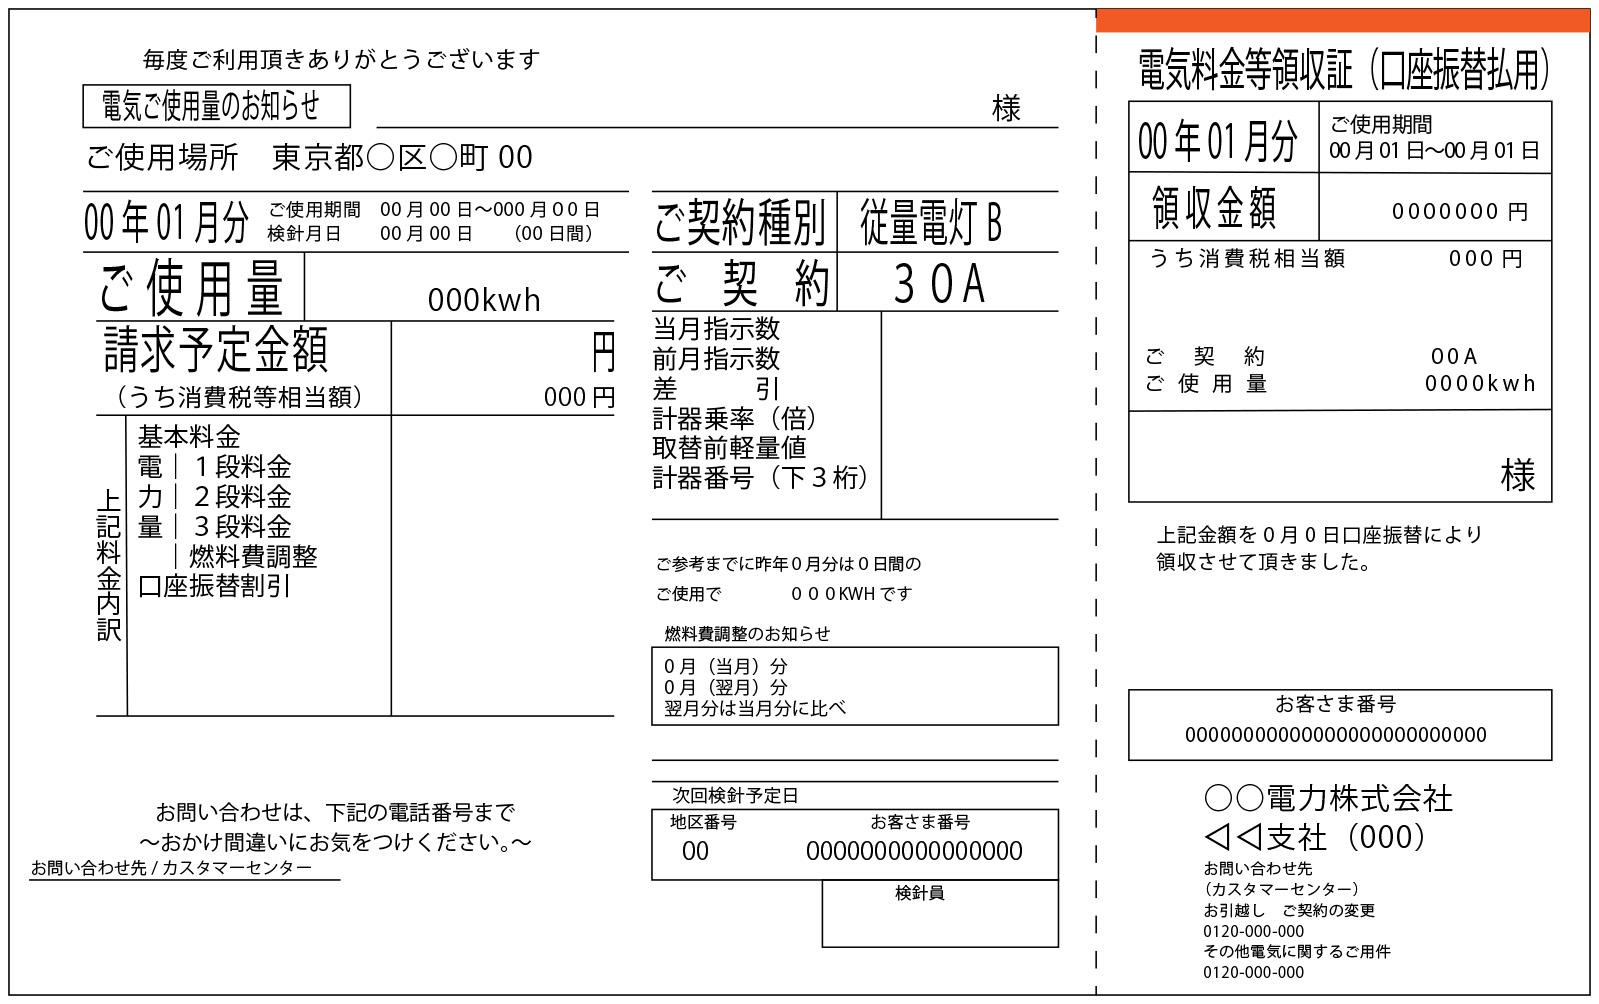 XMの口座開設に必要な本人確認書類はコレ!認められない書類は?